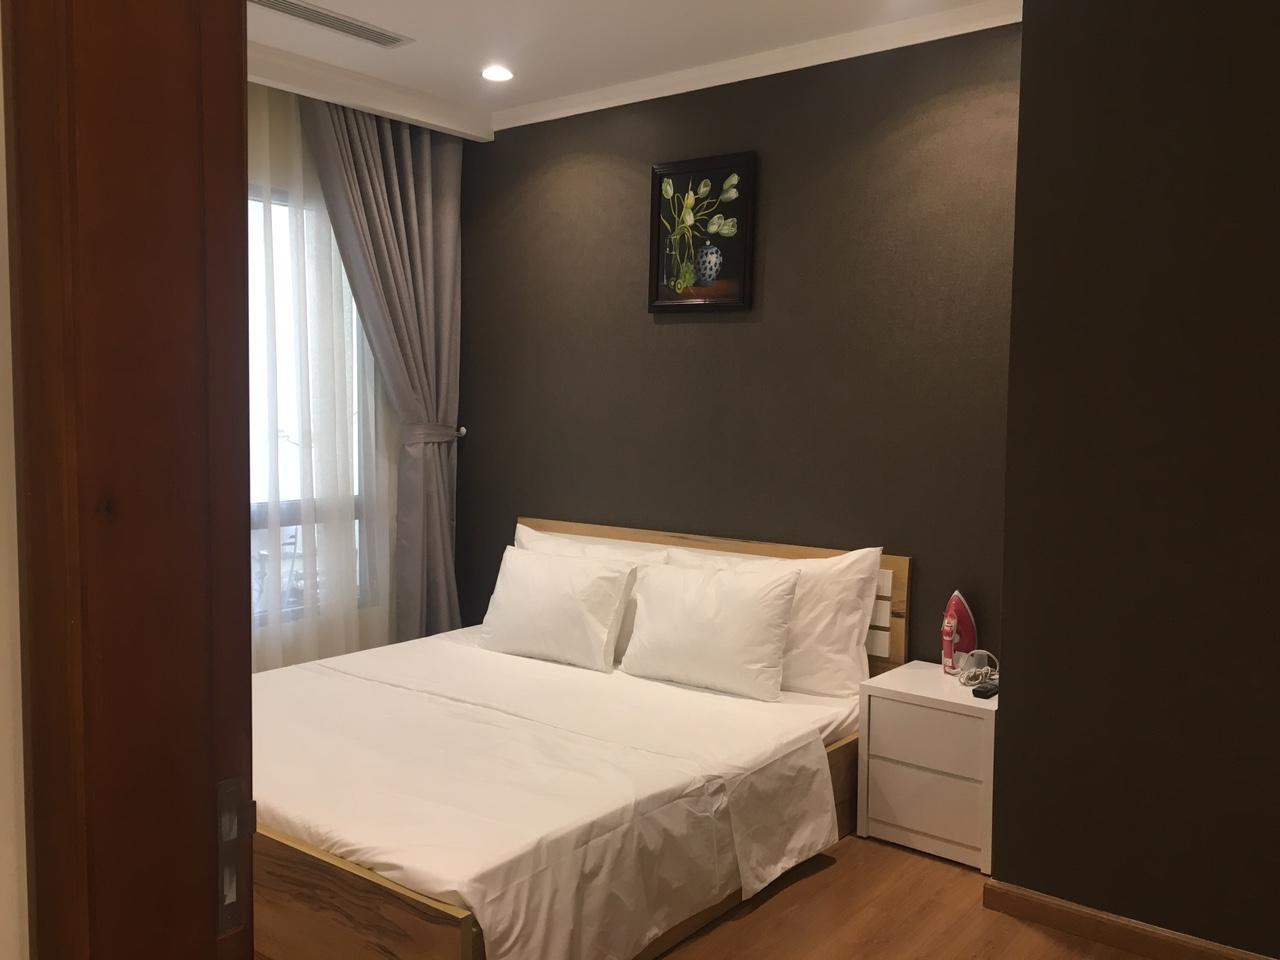 Căn hộ 3 ngủ tại Vinhomes Nguyễn Chí Thanh cho thuê